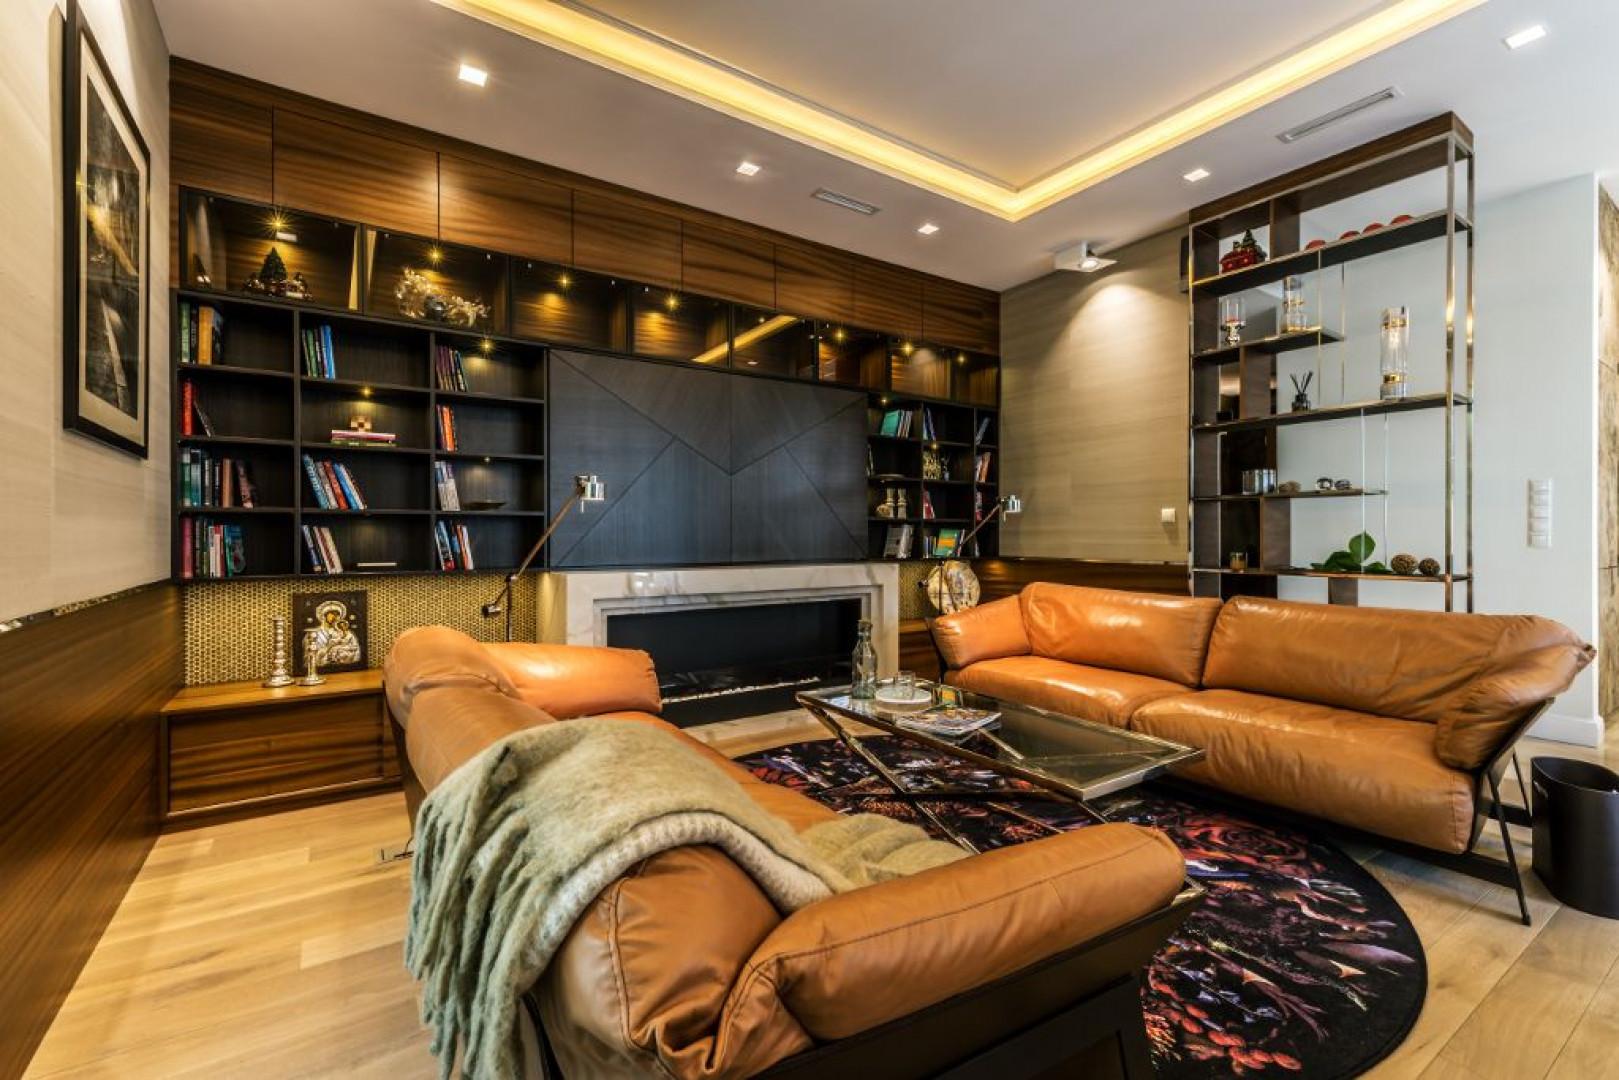 W trakcie prac projektowych przestrzeń 130-metrowego apartamentu została podzielona na dwie strefy, tak żeby mogła z niego wygodnie korzystać czteroosobowa rodzina. Fot. Viva Design